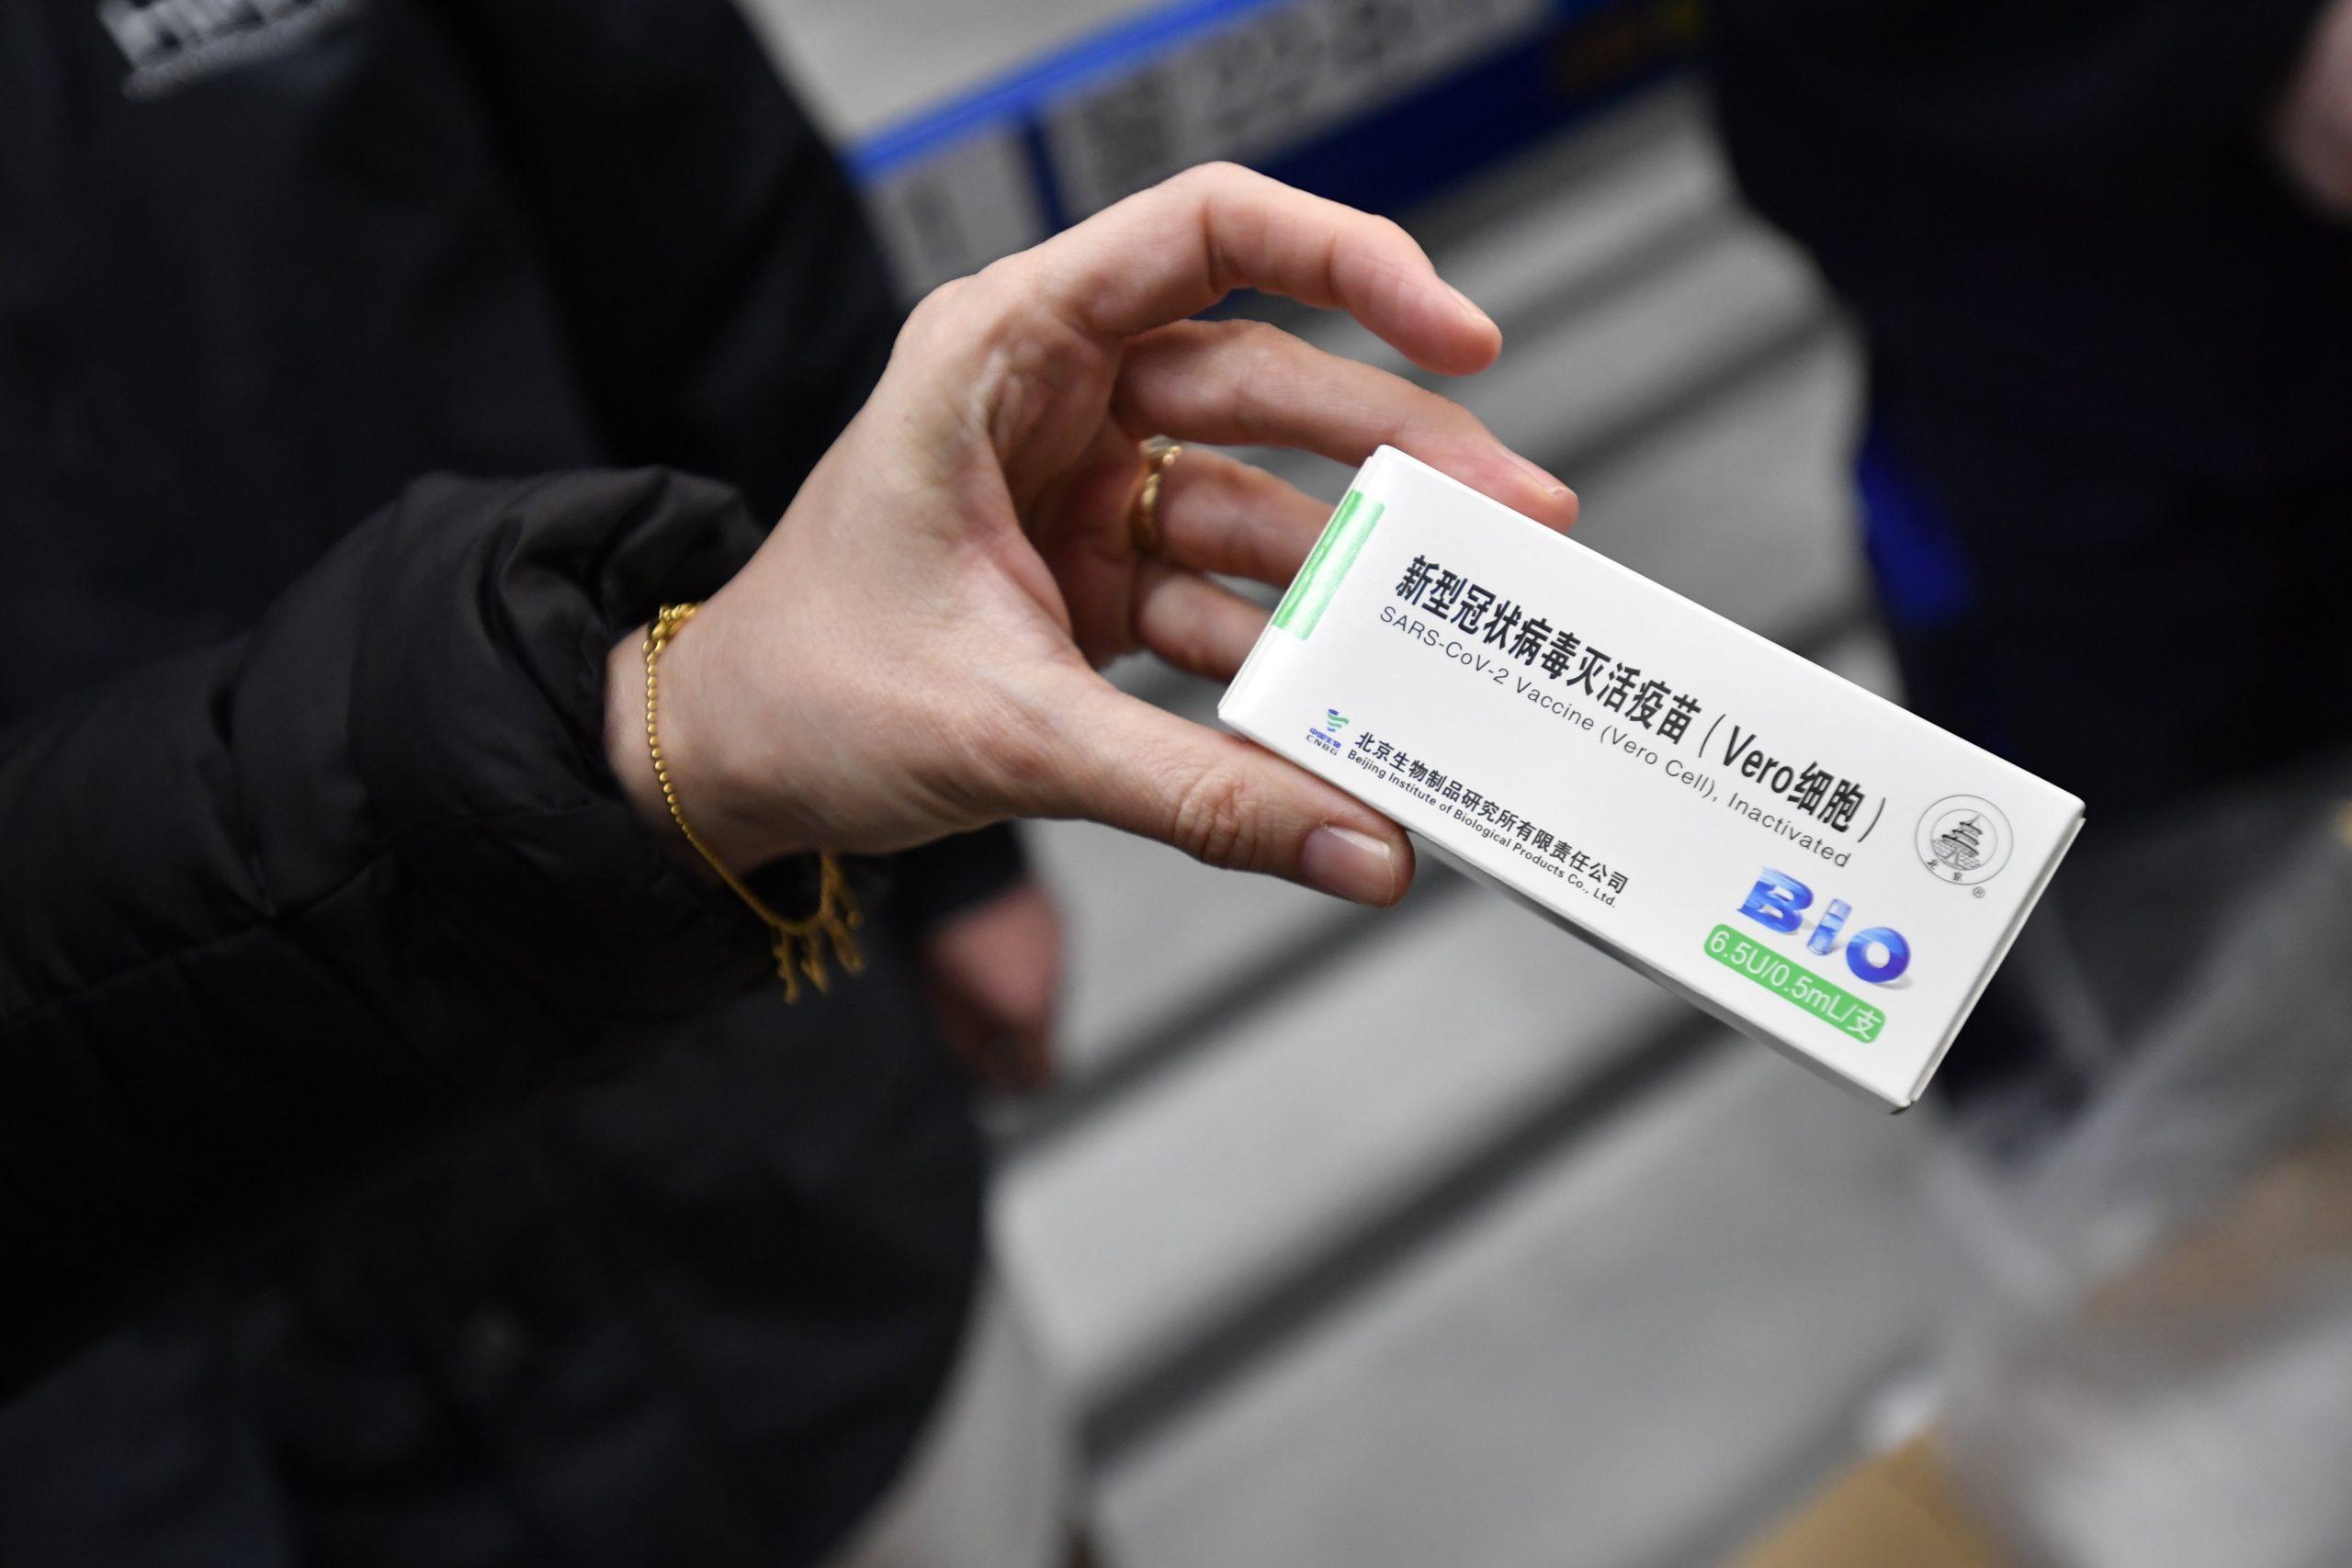 Alles, was Sie über den chinesischen Impfstoff wissen sollten